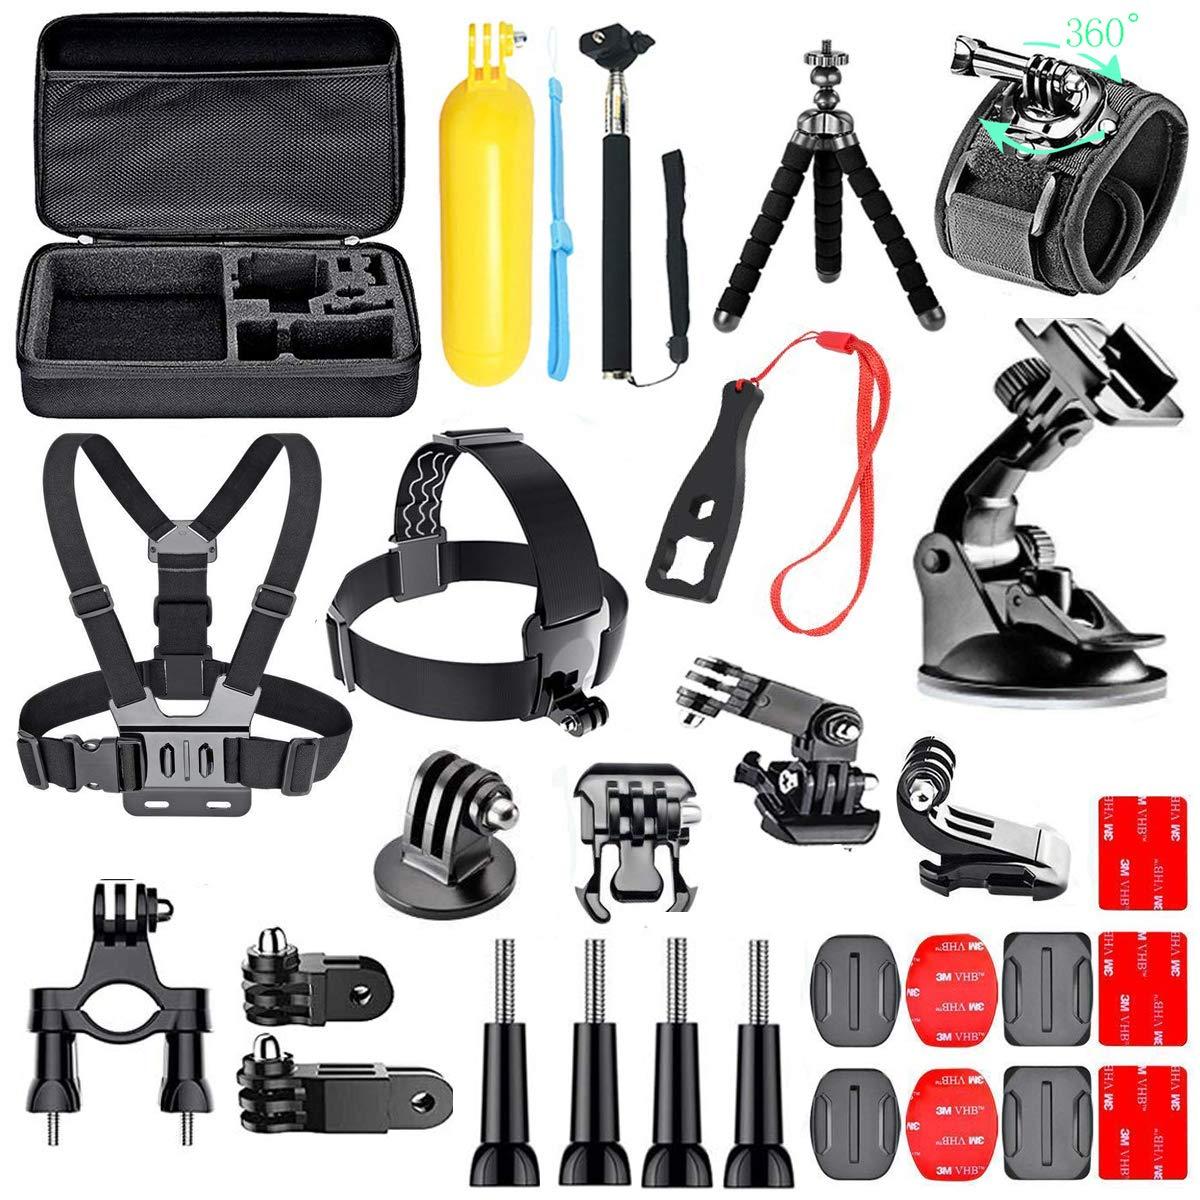 per Hero 7 6 5 Action Camcorder Camera Accessory Bundle Set Custodia da trasporto Cinturino pettorale Testa per bici Supporti per auto Gopro Accessory Kit 2019 Edion